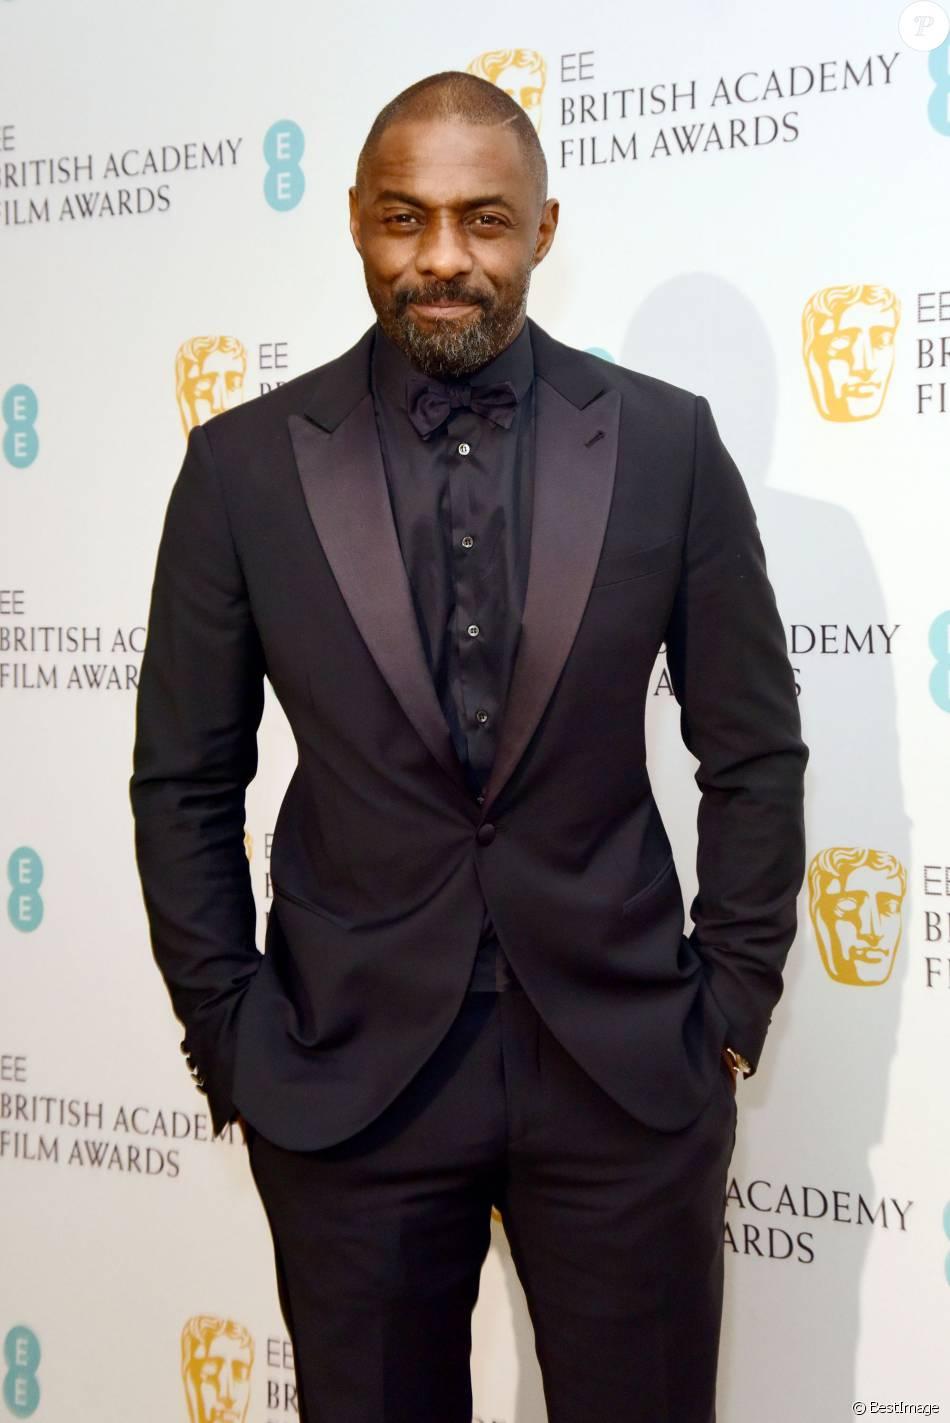 Idris Elba - 69e cérémonie des British Academy Film Awards (BAFTA) à Londres. Le 14 février 2016